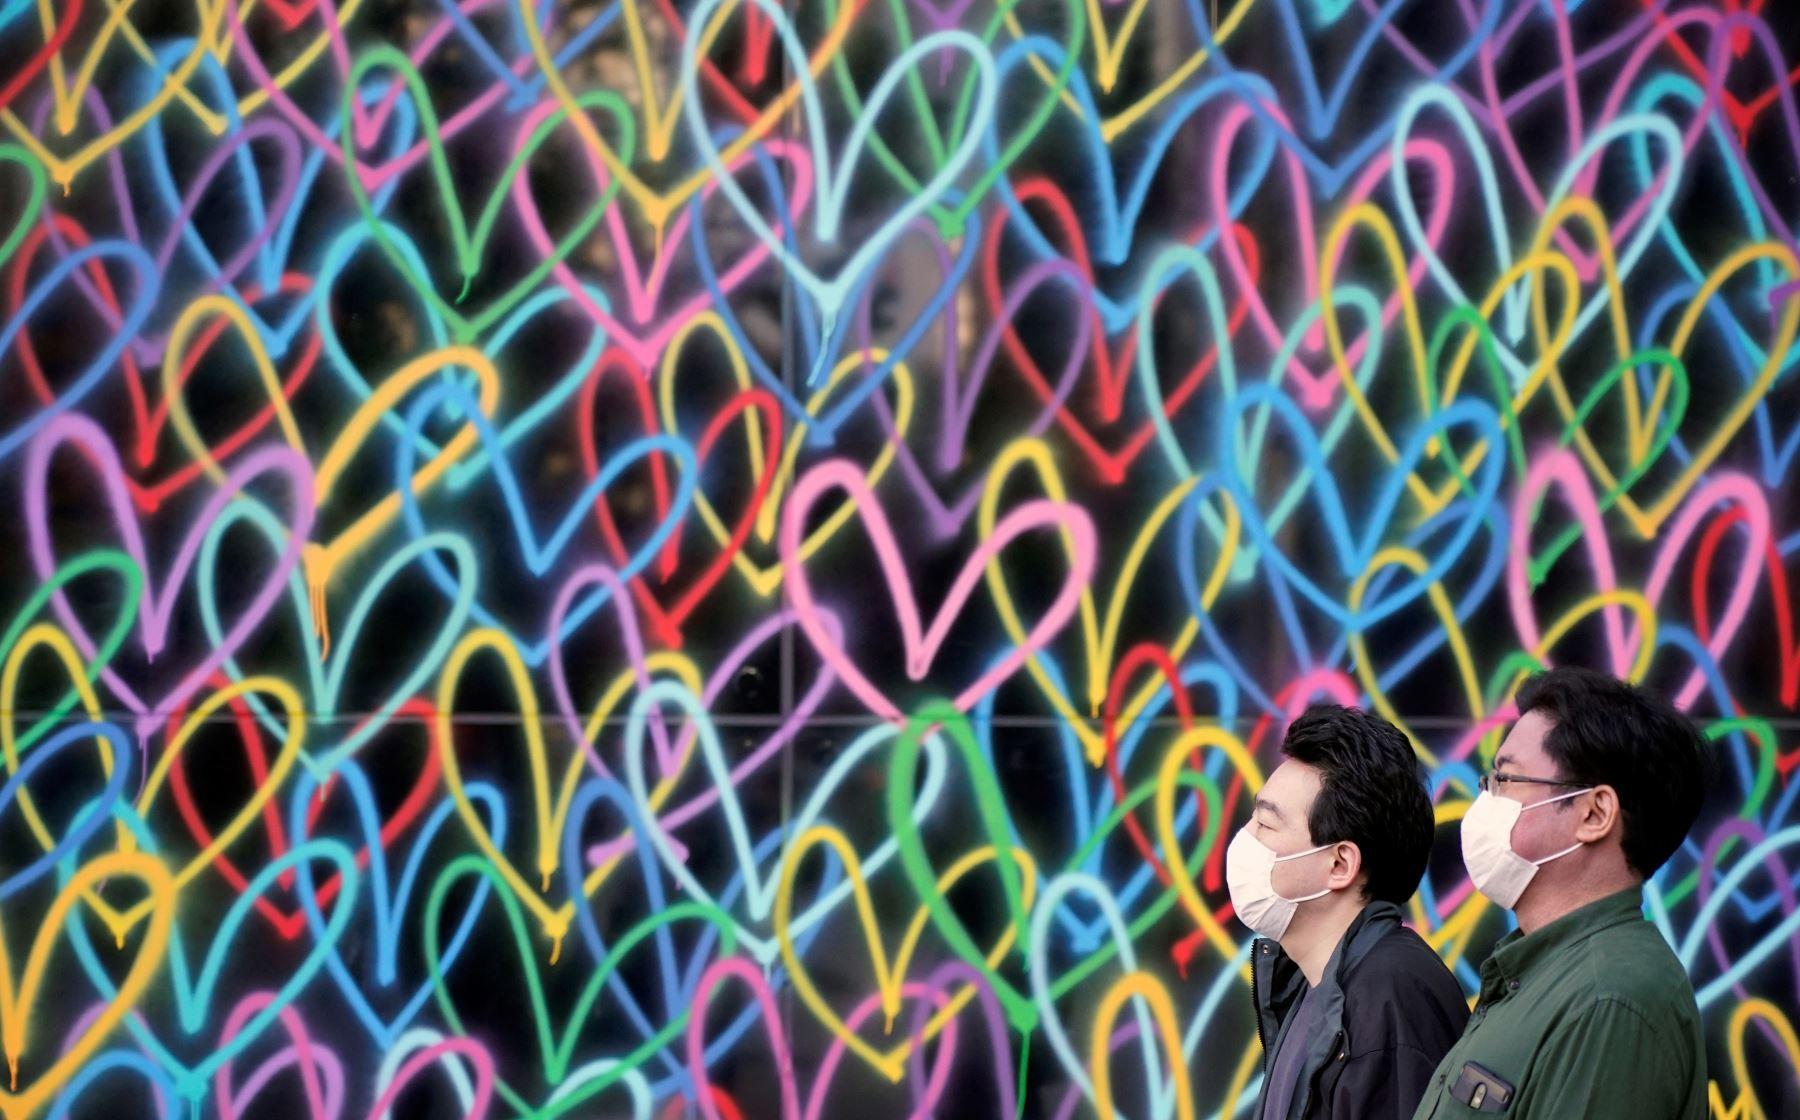 Los transeúntes con mascarillas pasan ante una pared pintada en un distrito de negocios en Tokio. Foto: EFE